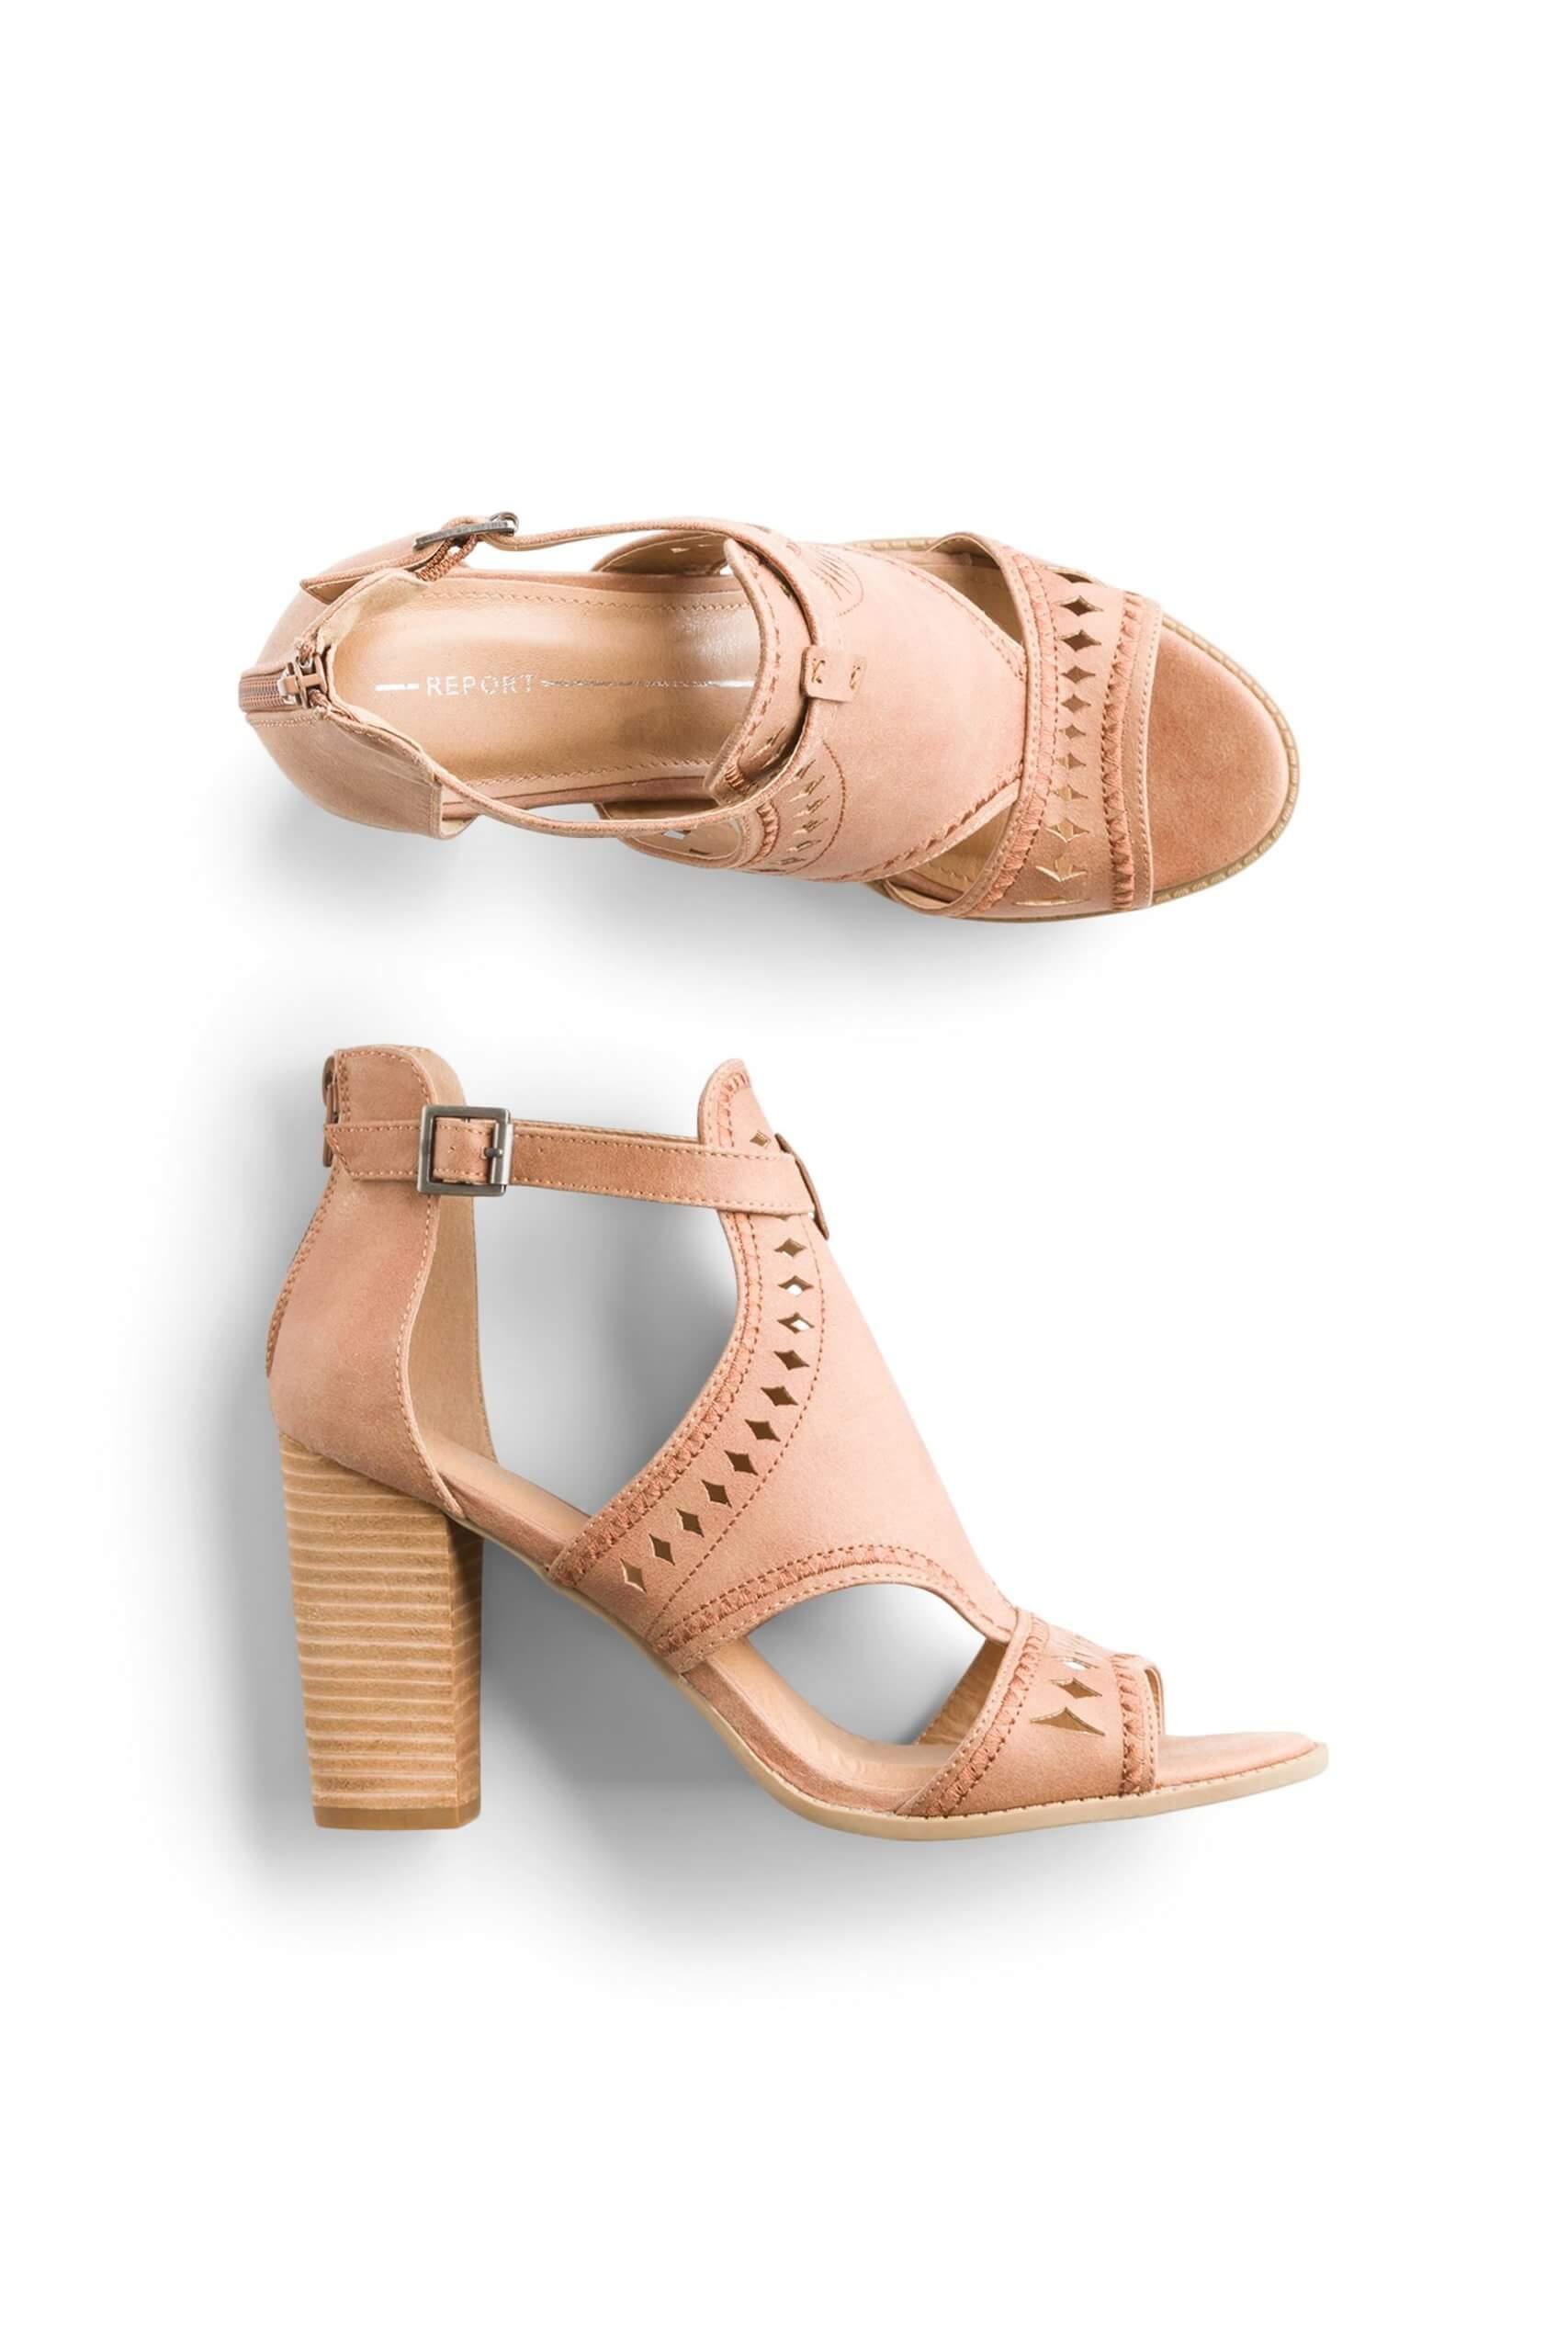 Stitch Fix Women's tan block-heel sandals.